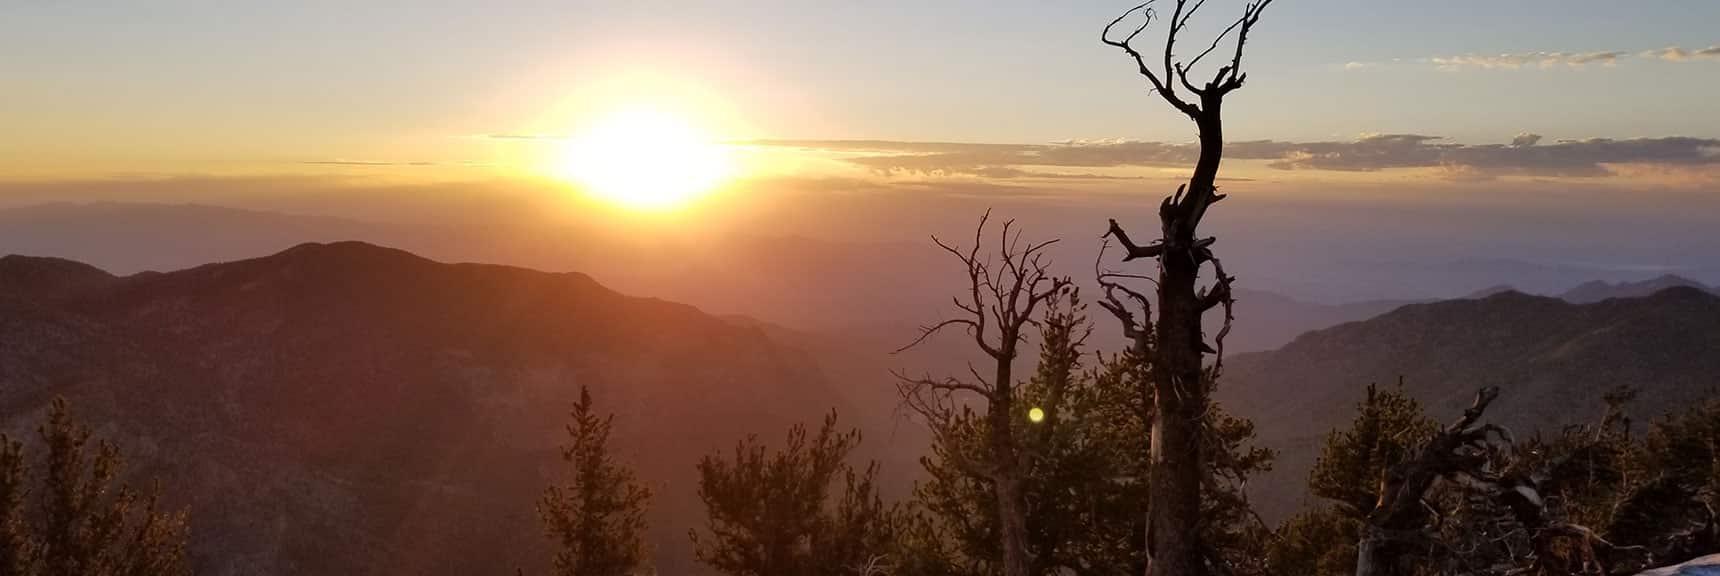 Sunrise on the South Ridge of Kyle Canyon